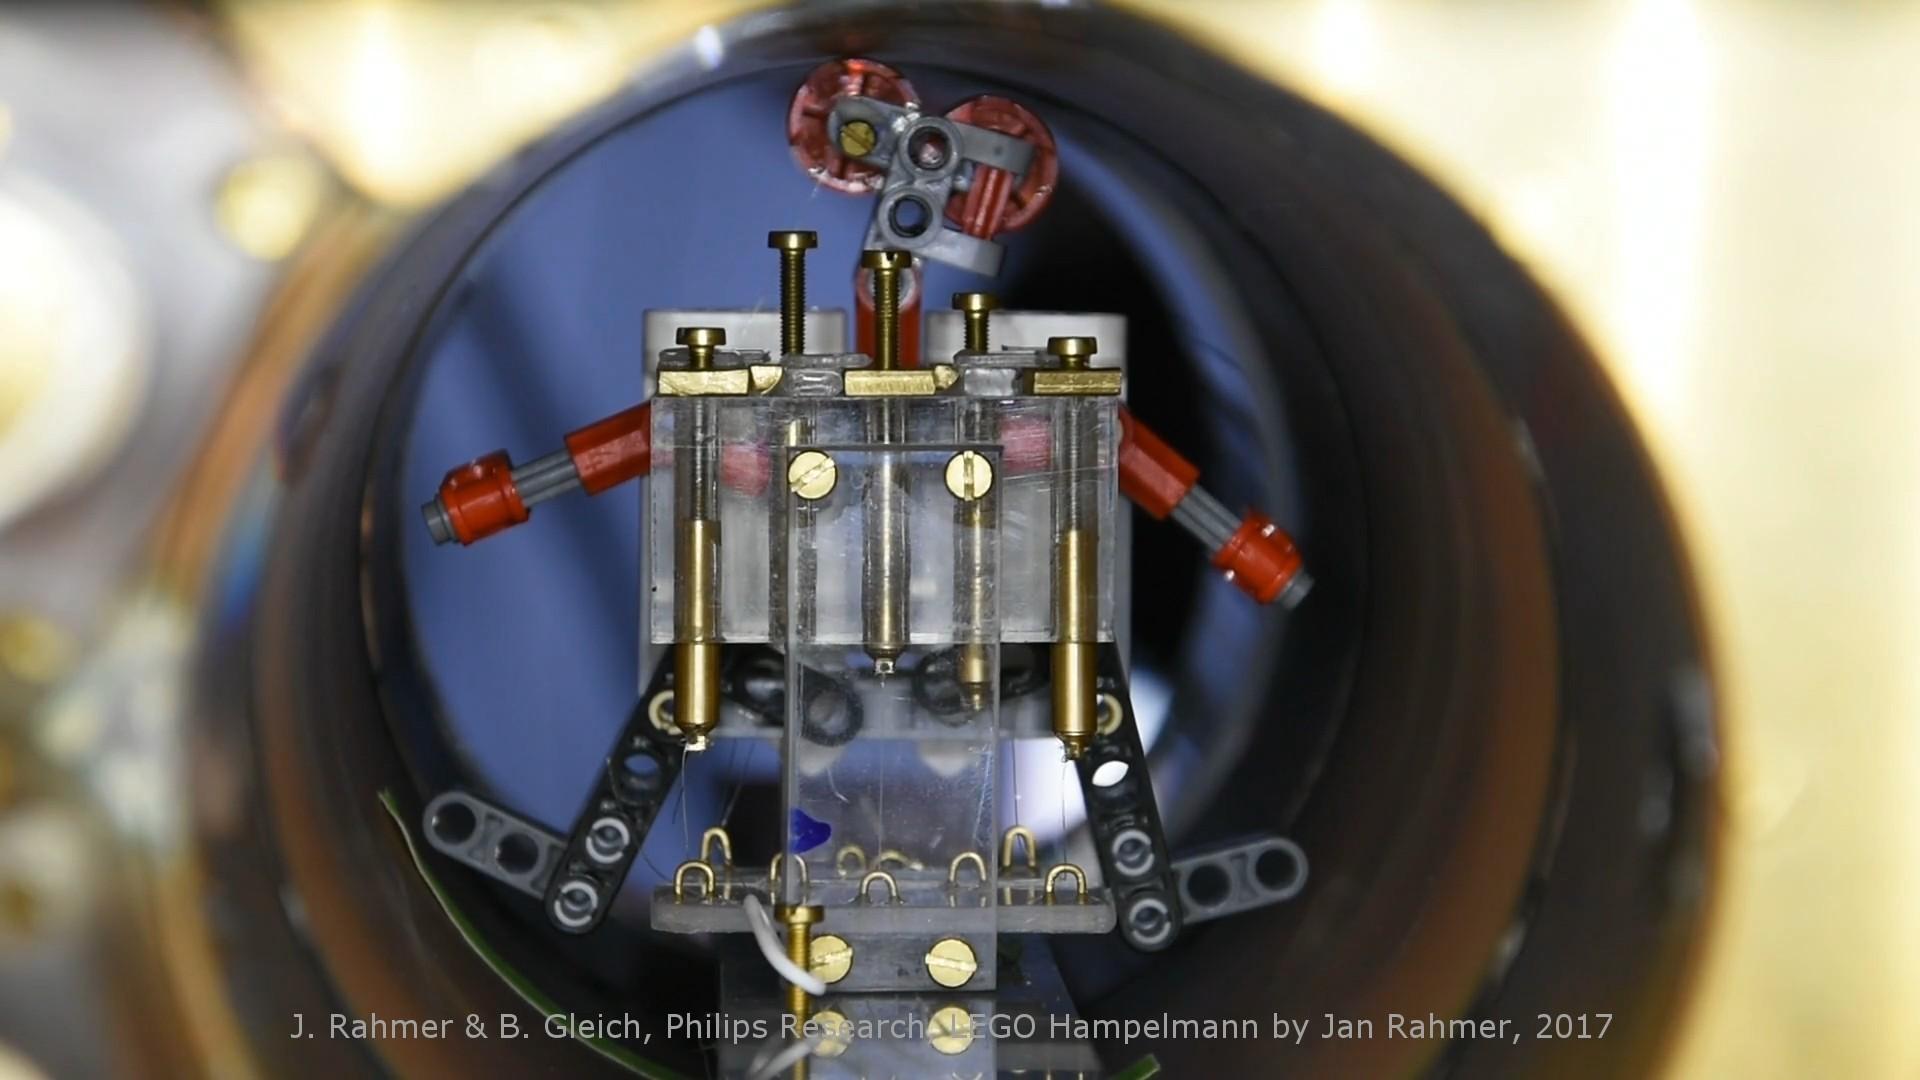 Физики научились закручивать винты магнитным полем - 1